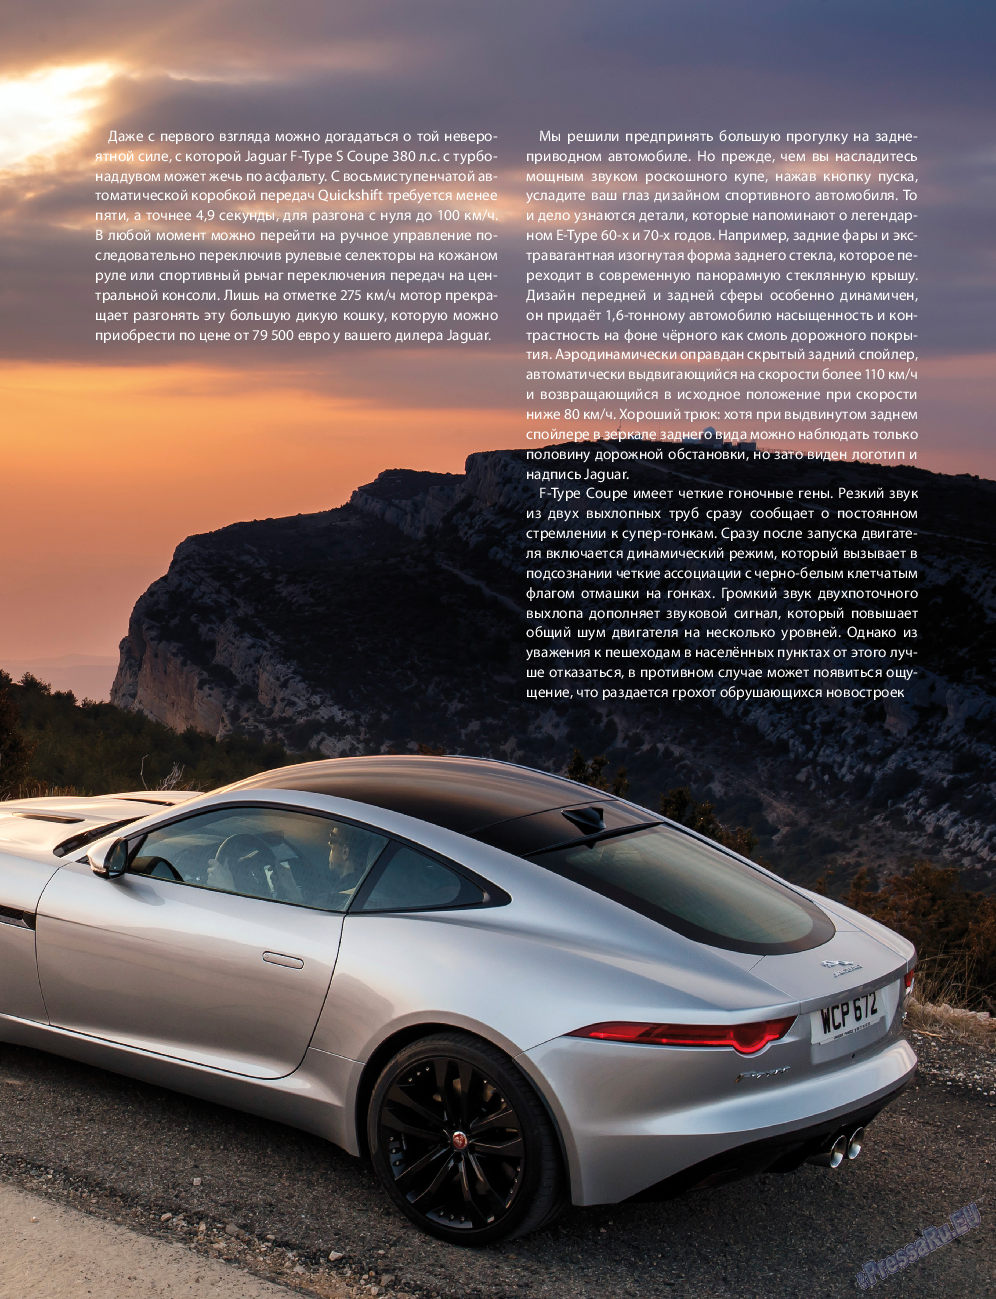 Клан (журнал). 2015 год, номер 8, стр. 83